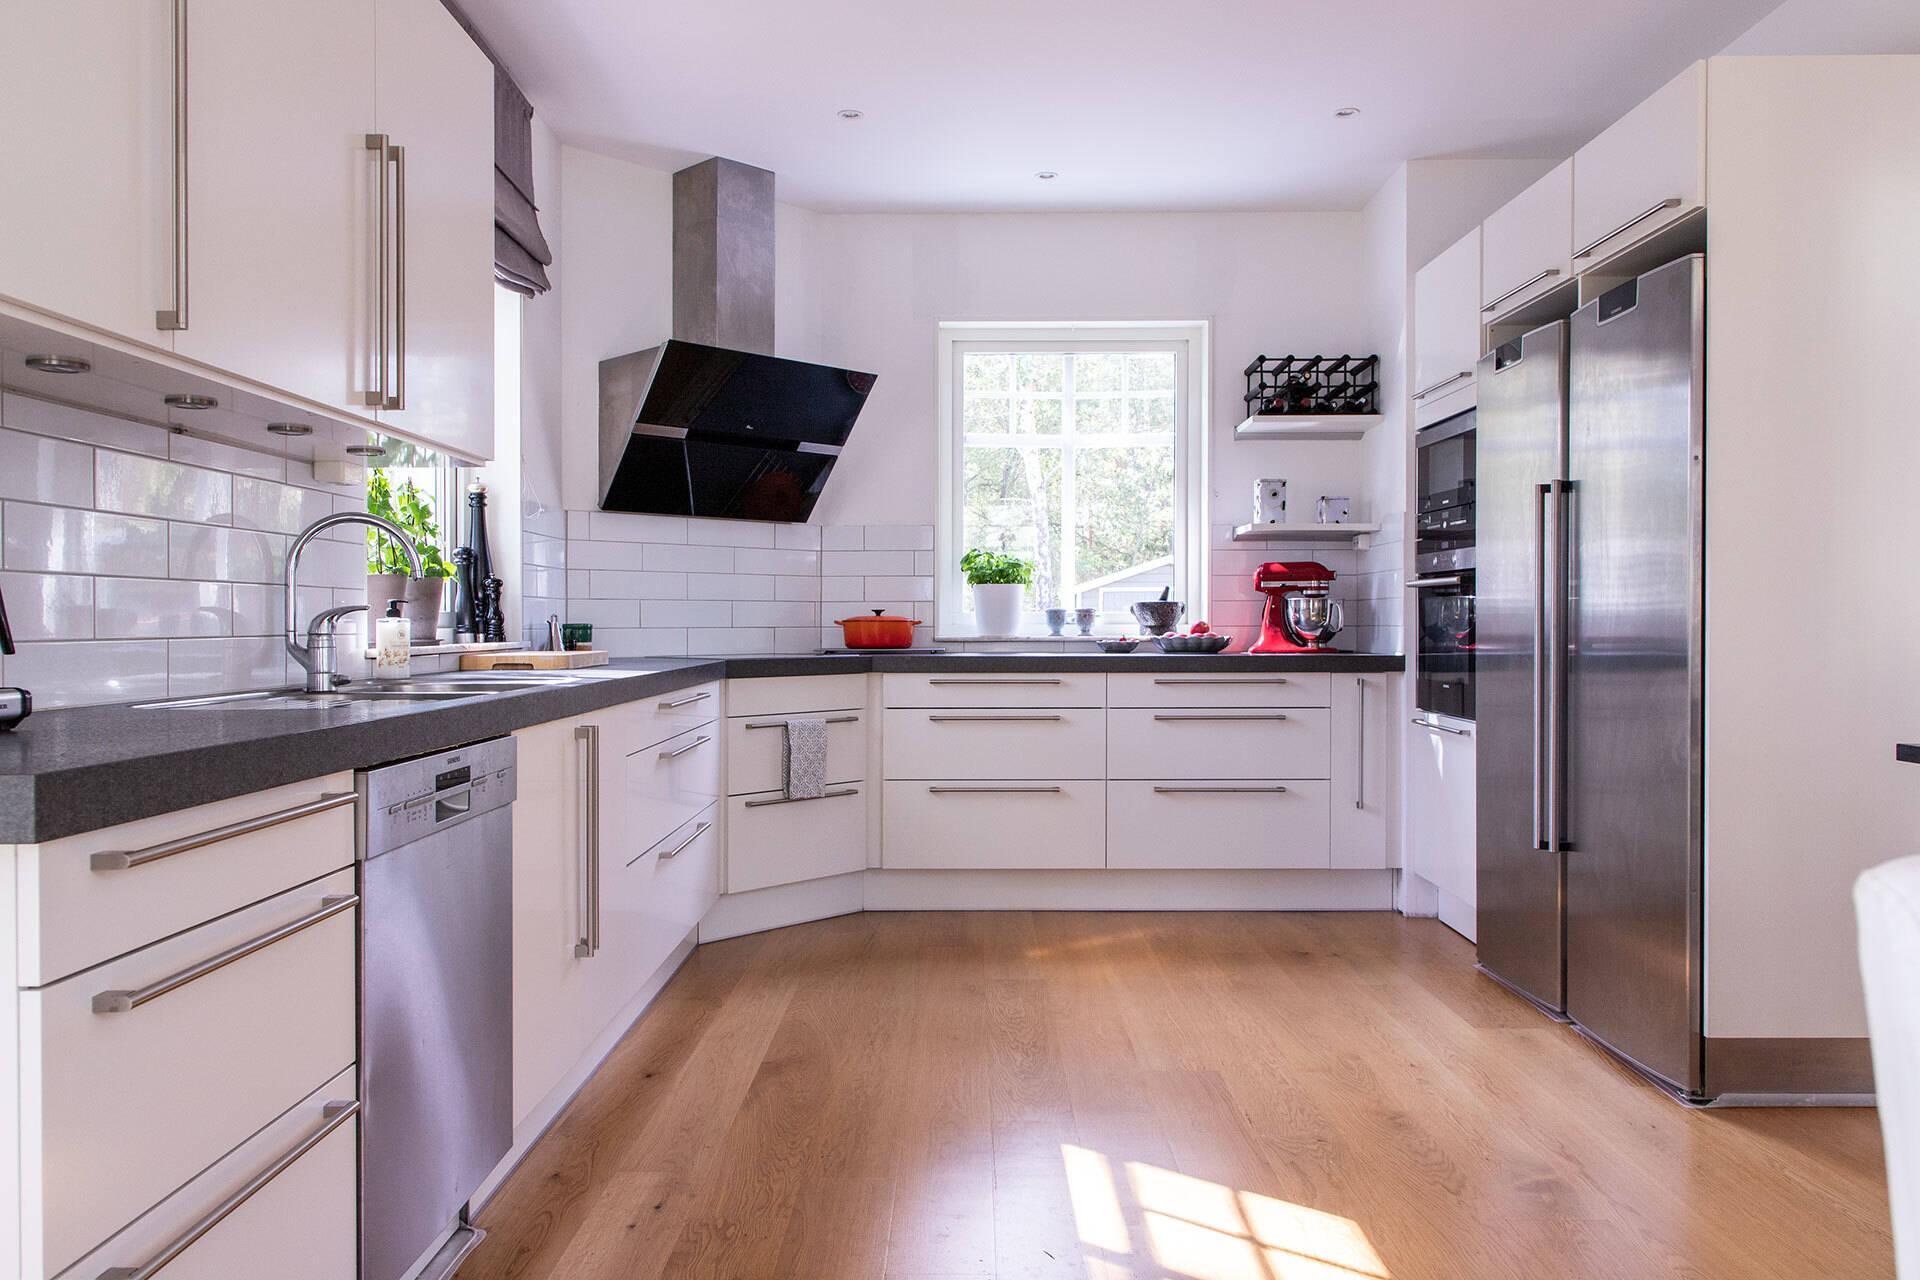 Ljust kök där många kan hjälpas åt med matlagningen